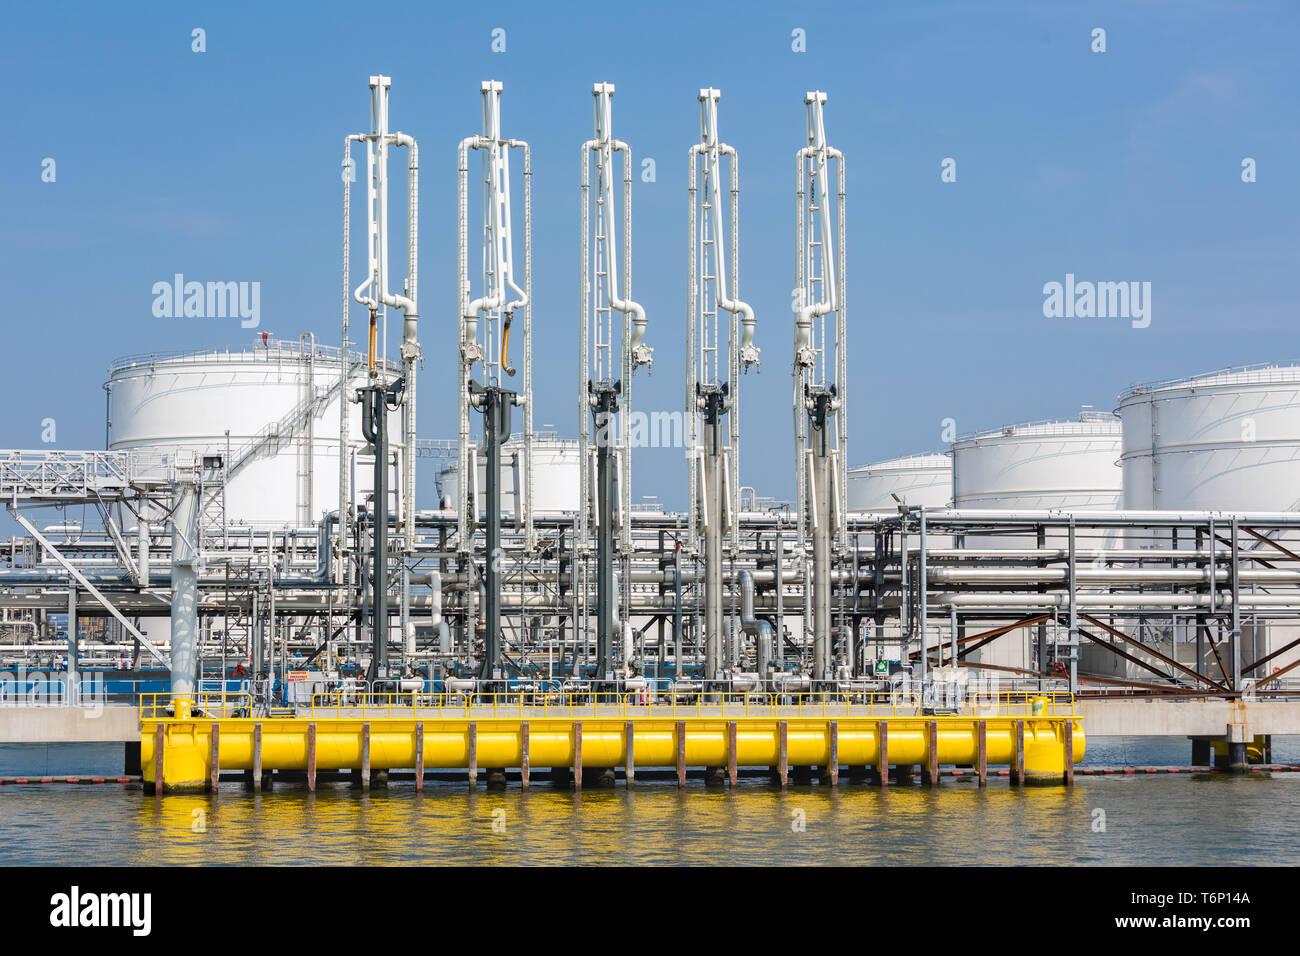 Port de mer avec les équipements de manutention pour les pétroliers Banque D'Images